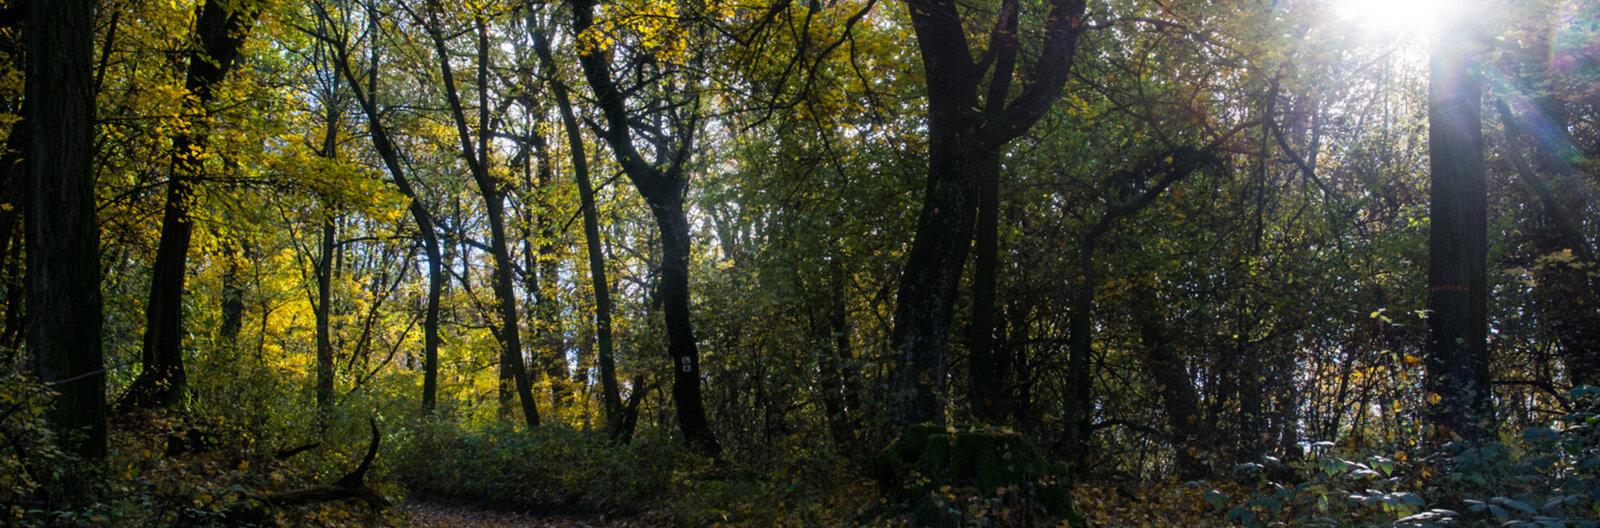 Arany, barna, vörös, zöld – 8 hely, ahol az ősz minden színét kiélvezhetjük